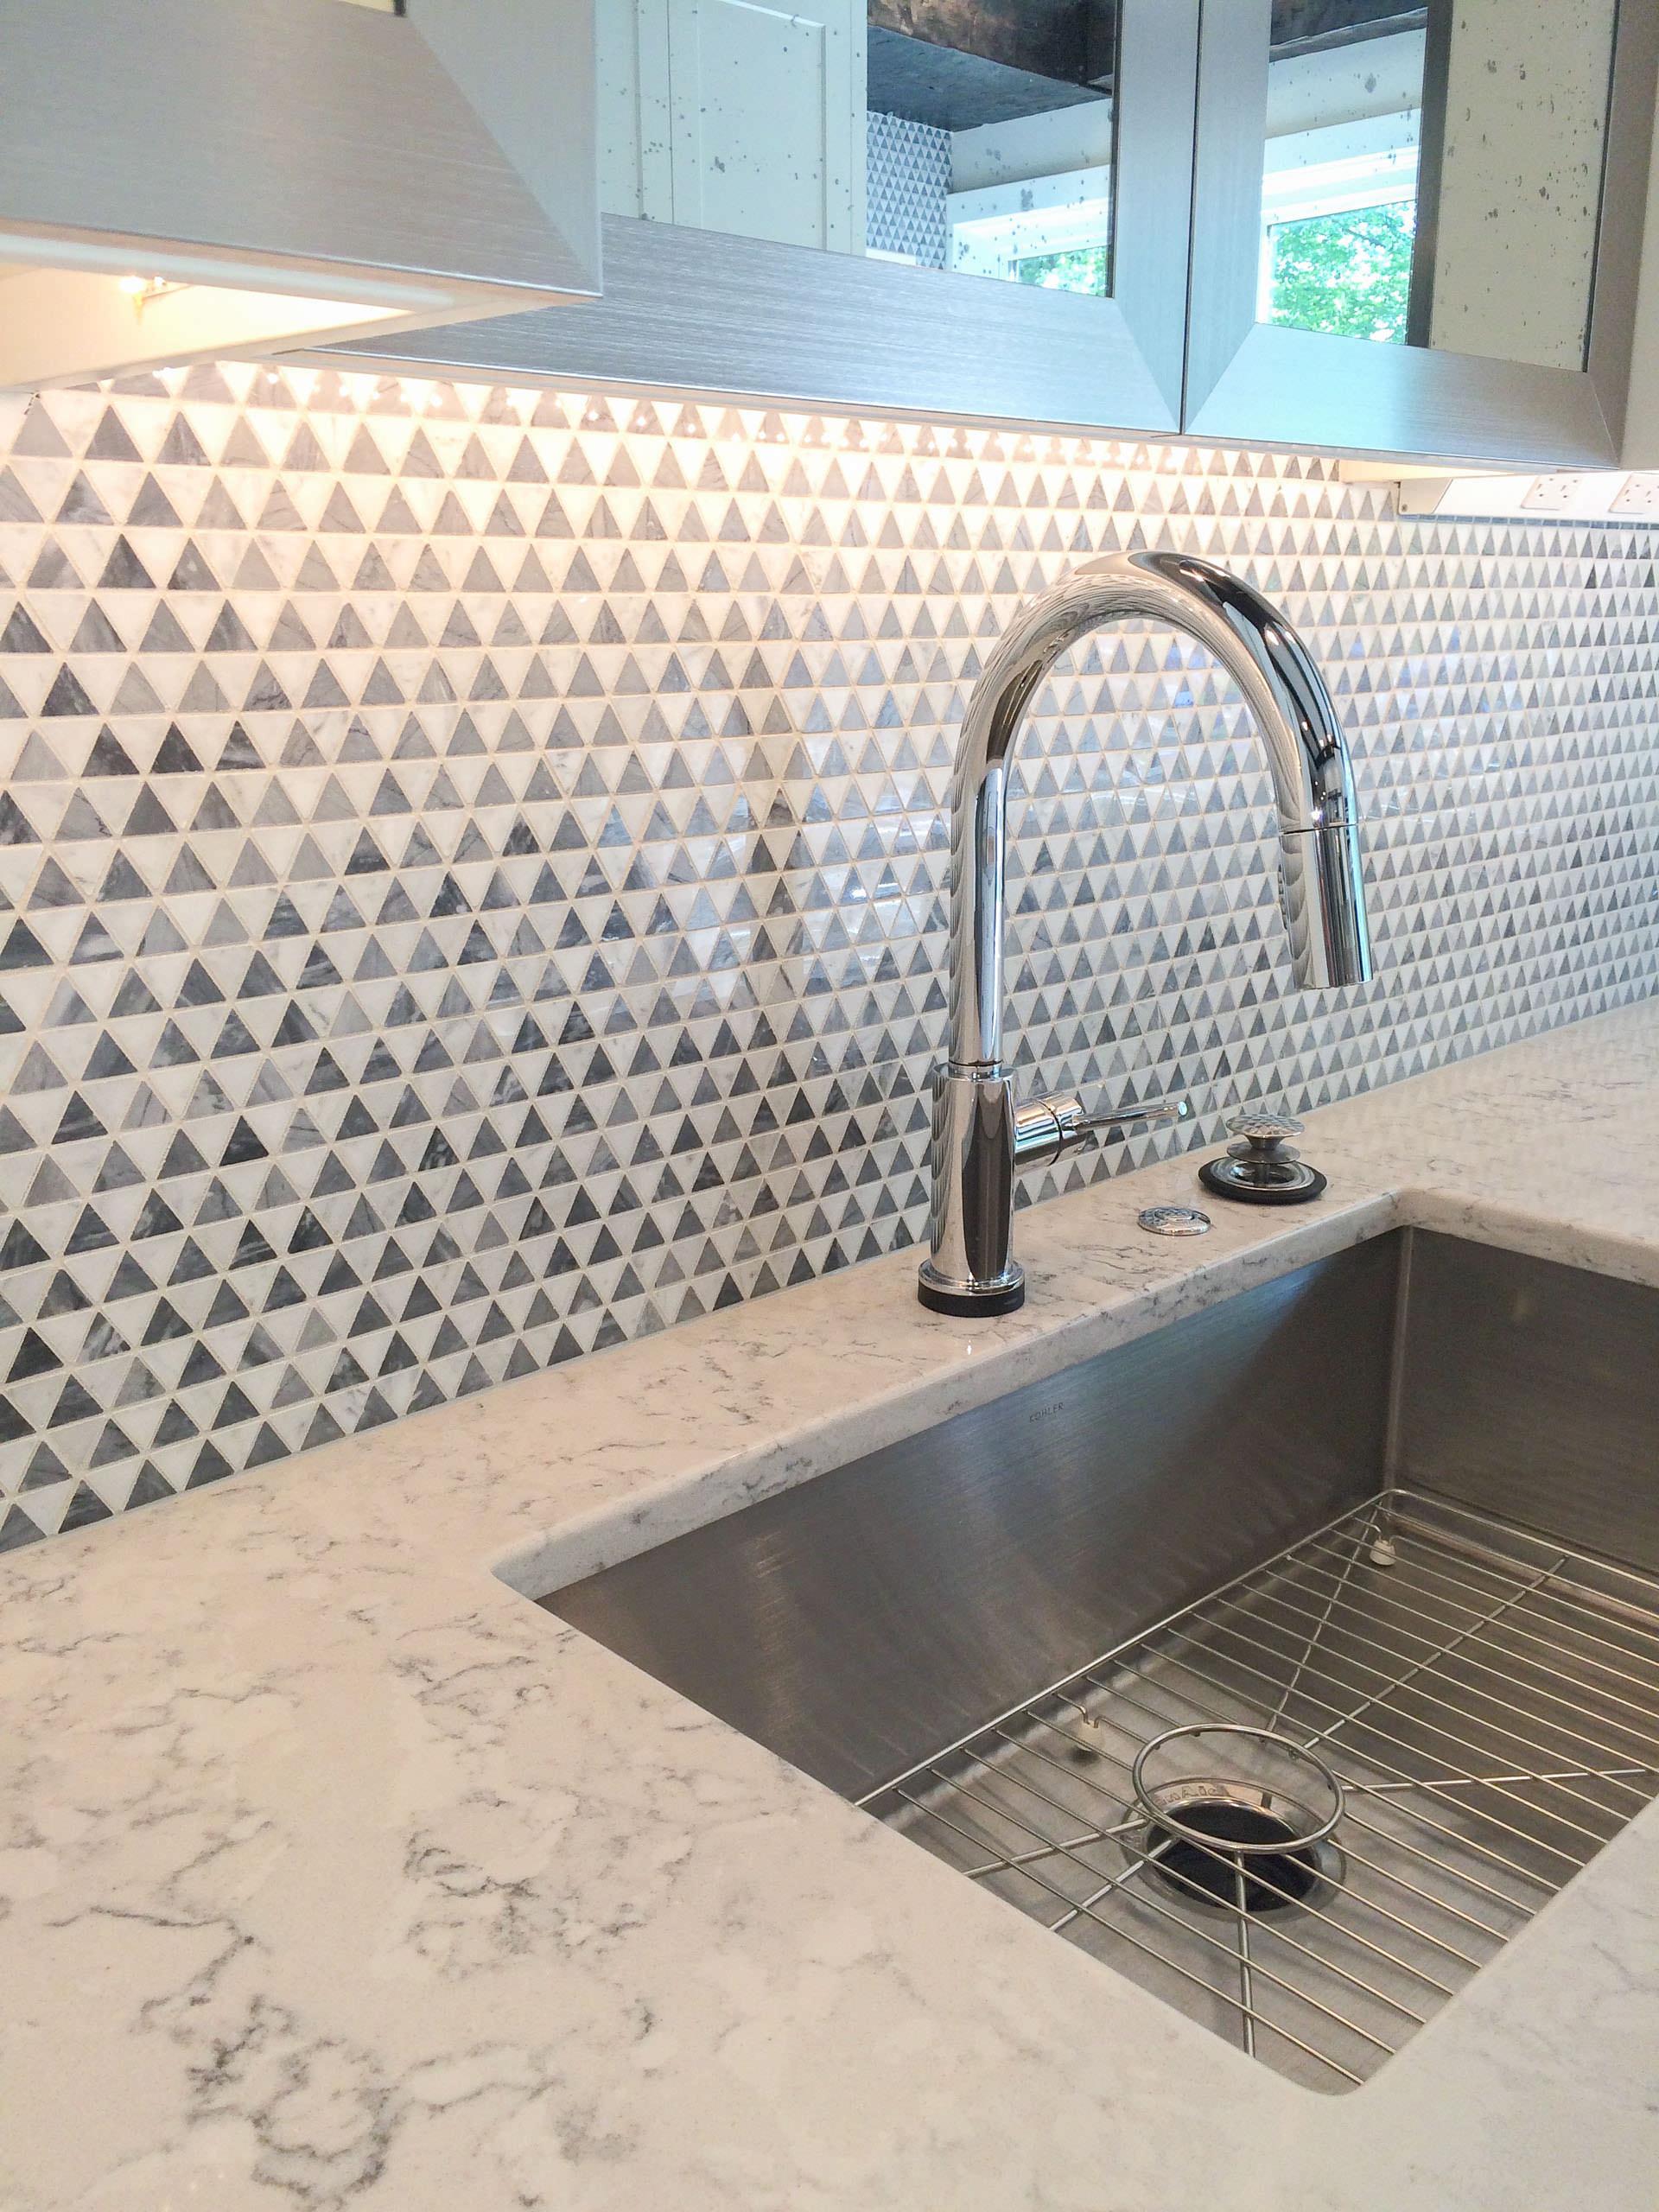 Contemporary kitchen 2-2560.JPG